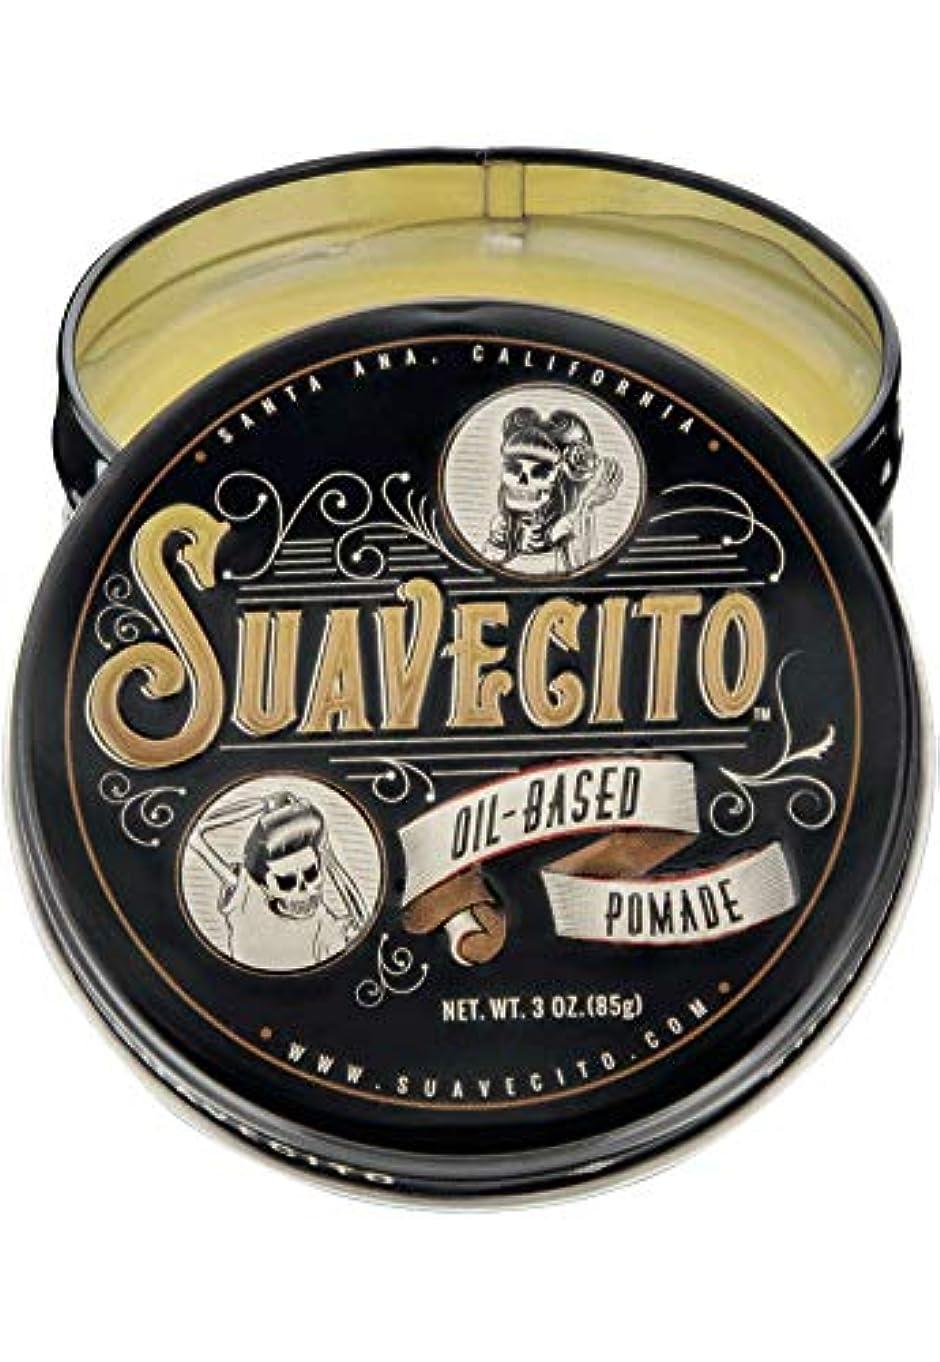 写真を描くミッション影のあるSUAVECITO (スアベシート) OIL BASED POMADE ポマード 油性 男性用 ミディアムホールド ツヤあり トニック系の爽やかな香り 約85グラム/3オンス